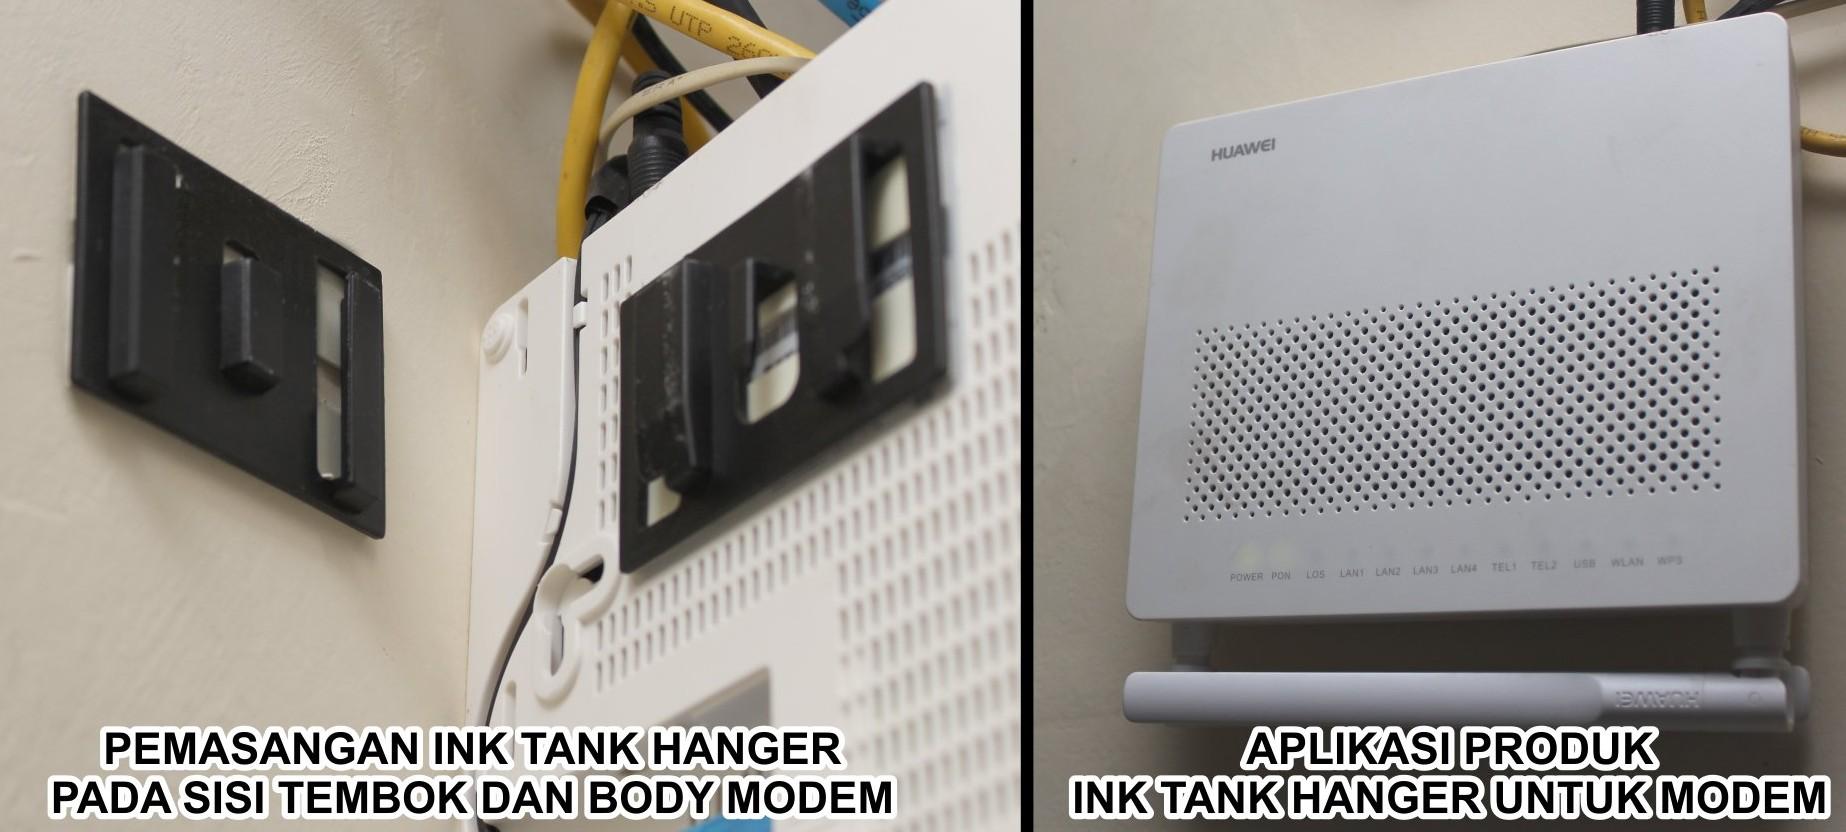 aplikasi ink tank hanger